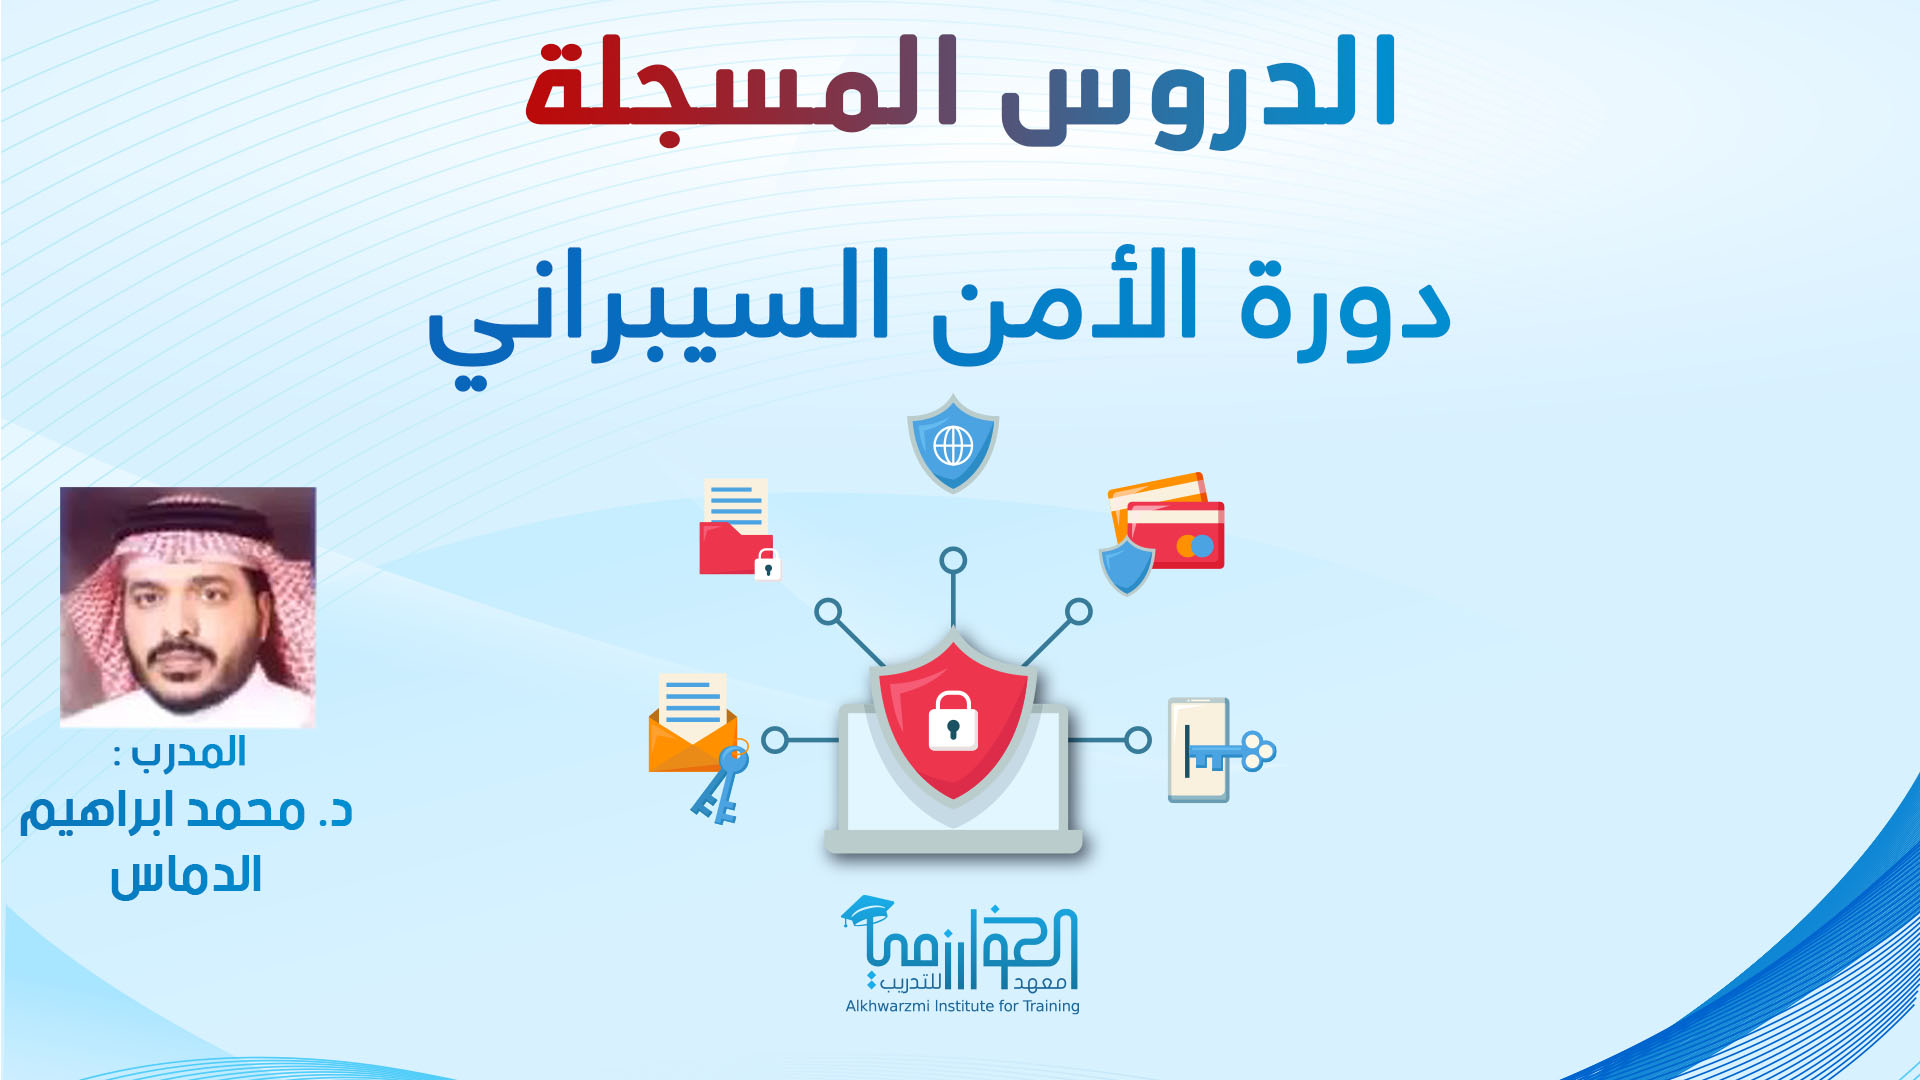 دورة الأمن السيبراني - د.محمد ابراهيم الدماس (الدروس المسجلة)